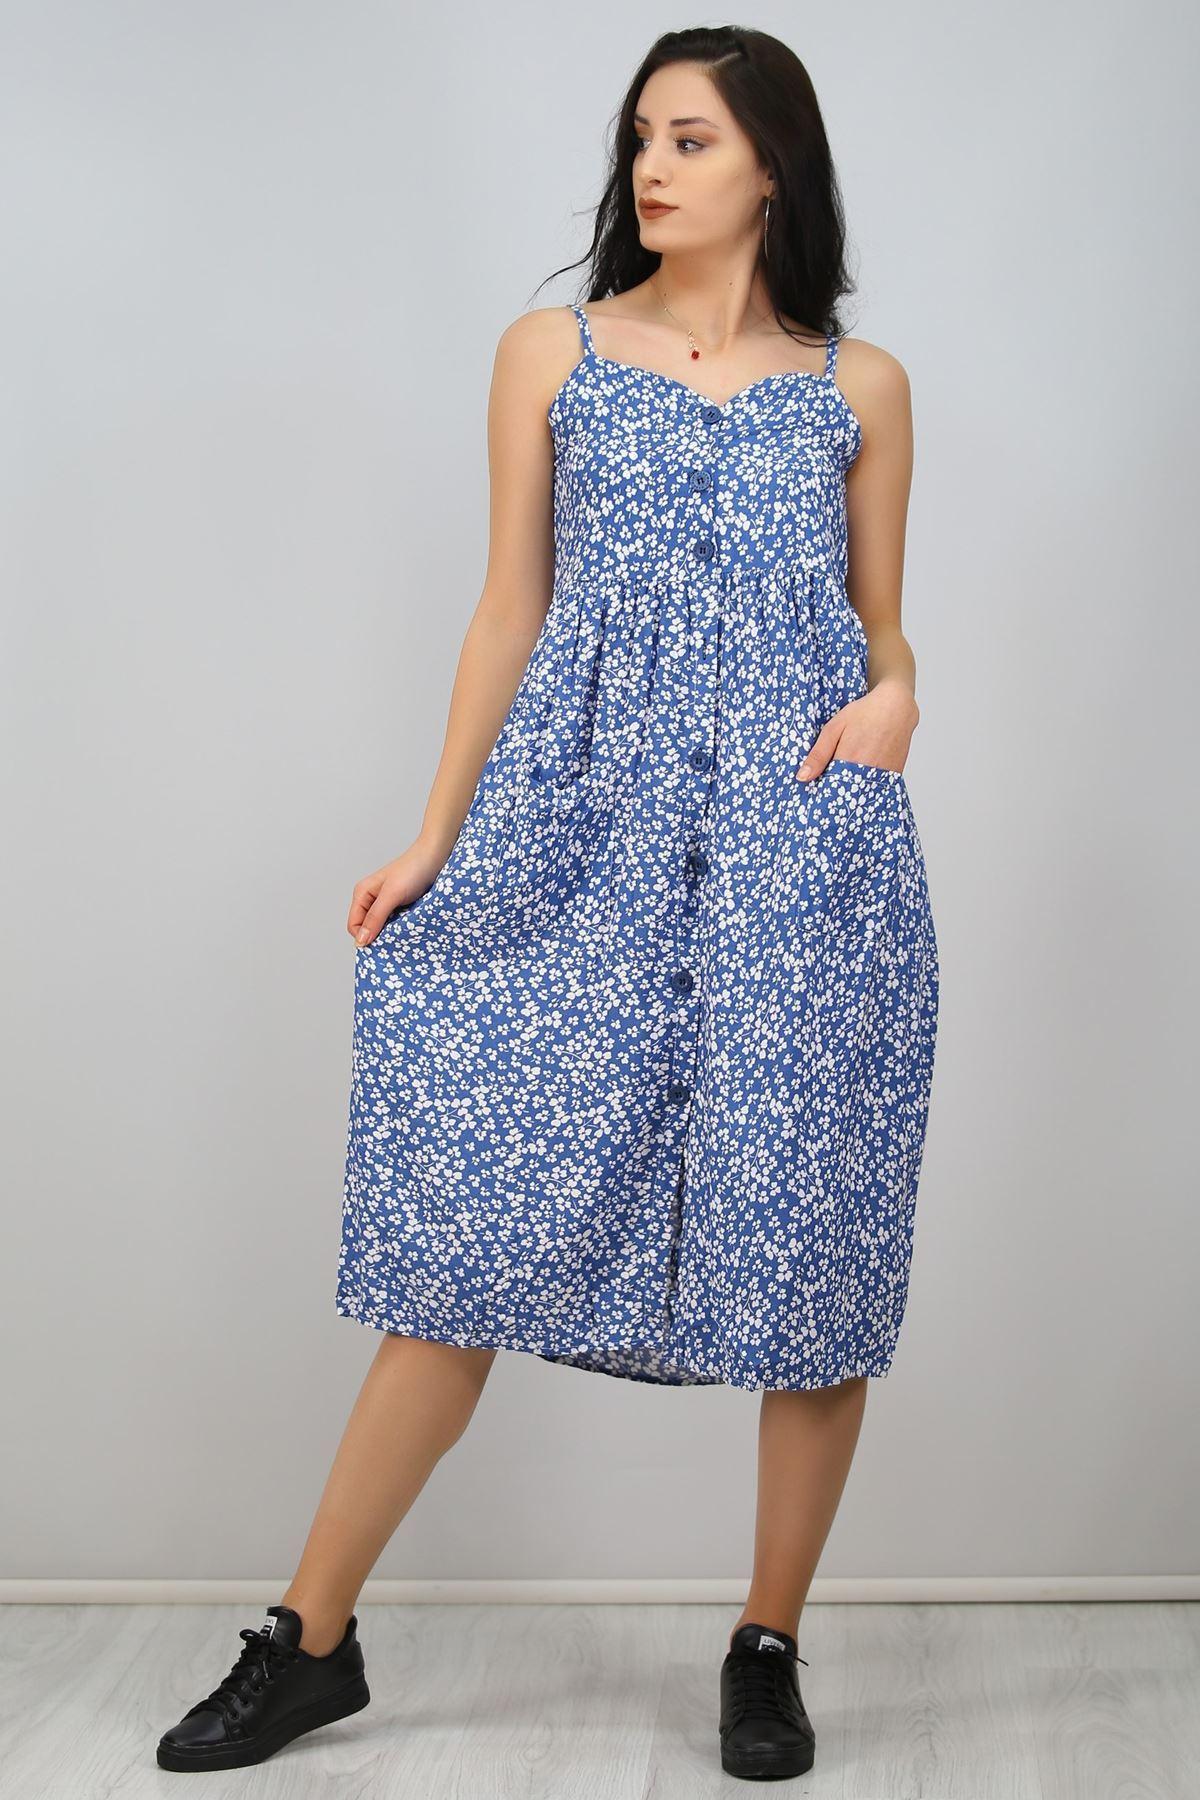 İpaskılı Düğmeli Elbise Mavi - 6578.1293.